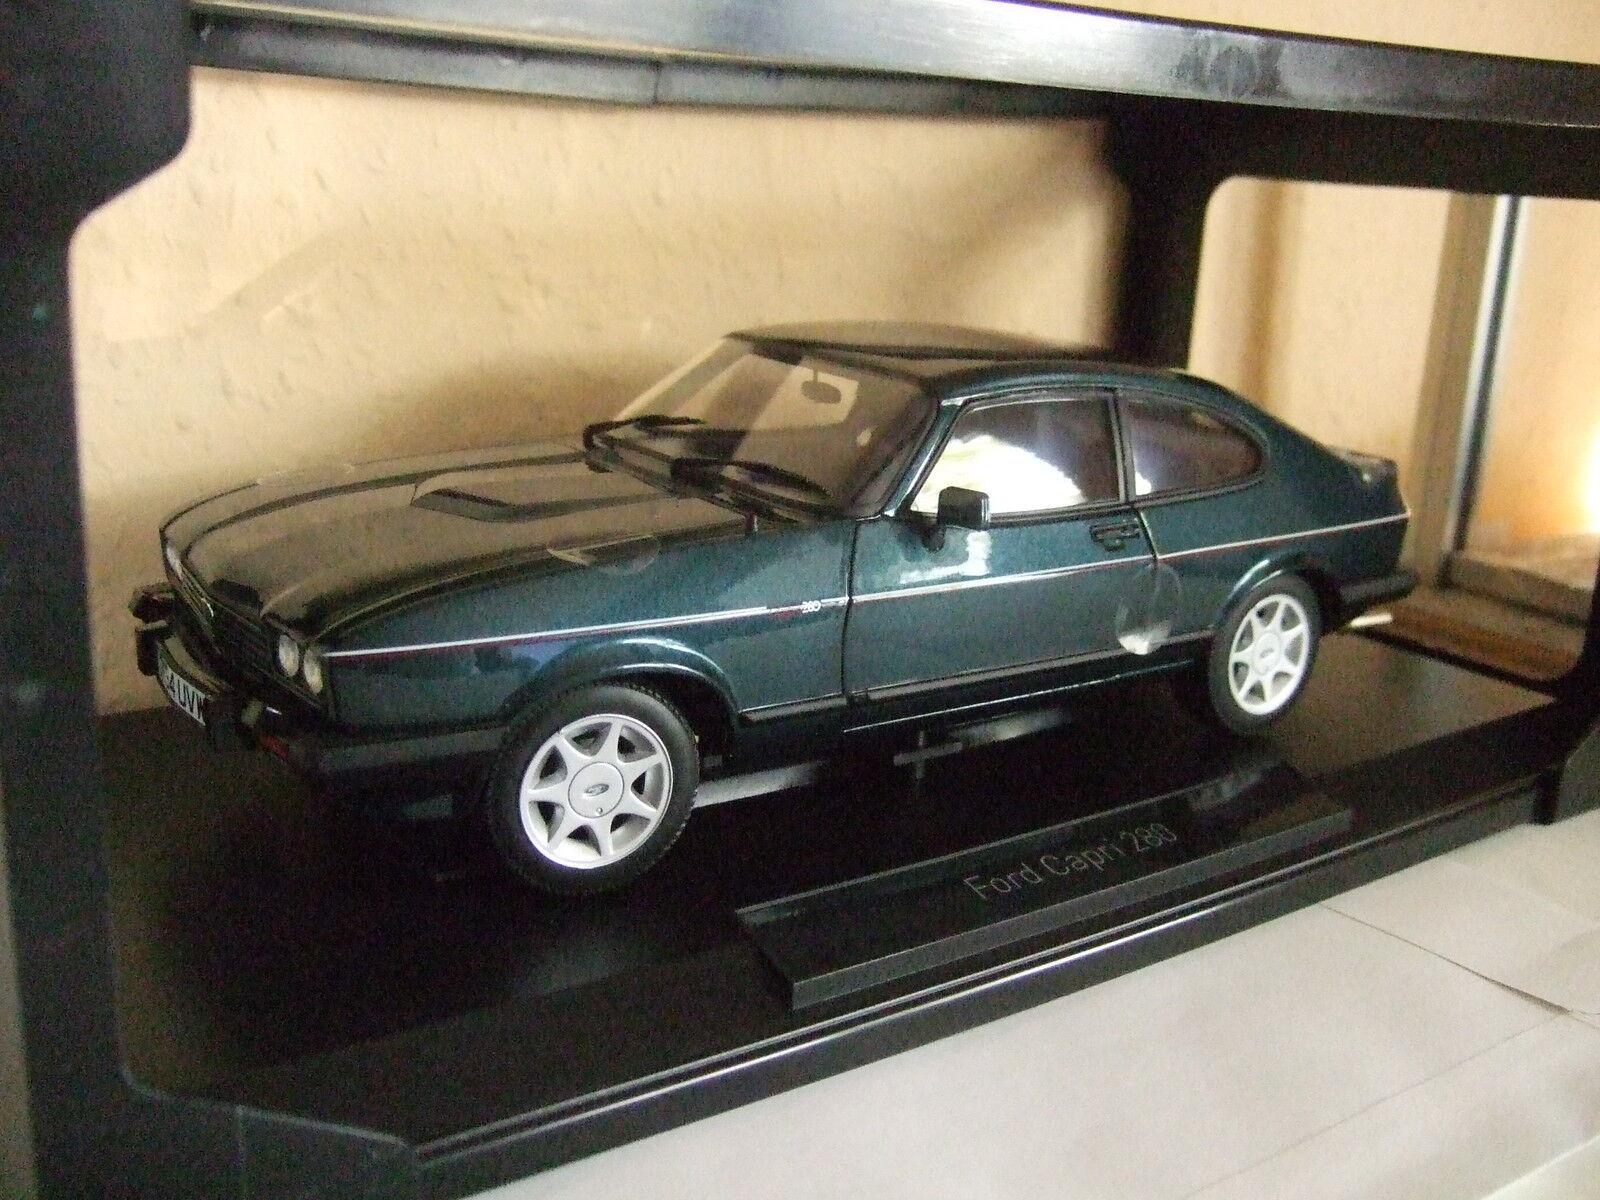 punto de venta Ford Capri Mk III 2.8i 2.8i 2.8i injection Brooklands 1986 verde met de norev 1 18 nuevo embalaje original  Precio al por mayor y calidad confiable.